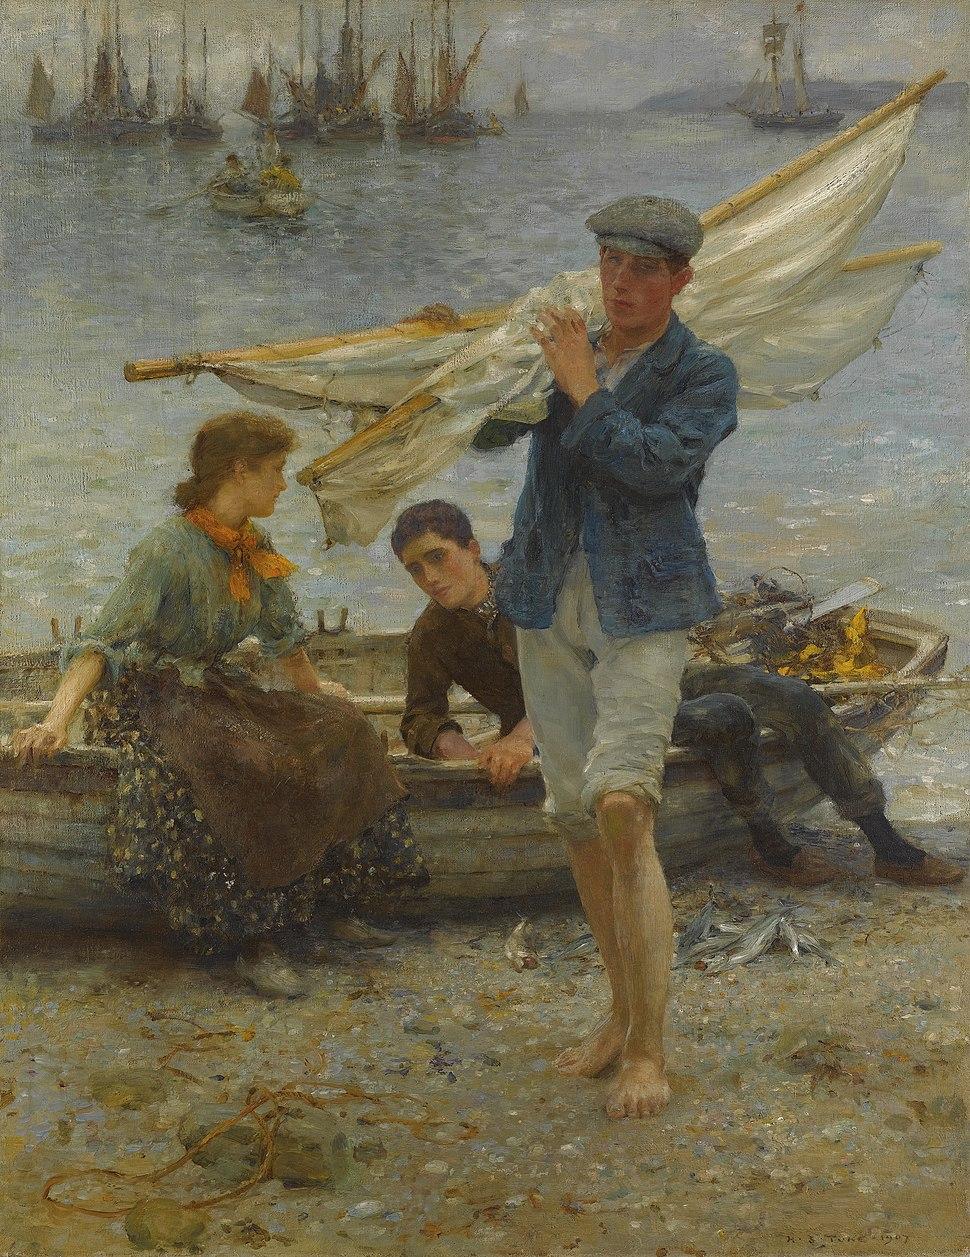 Henry Scott Tuke - Return from fishing (1907)